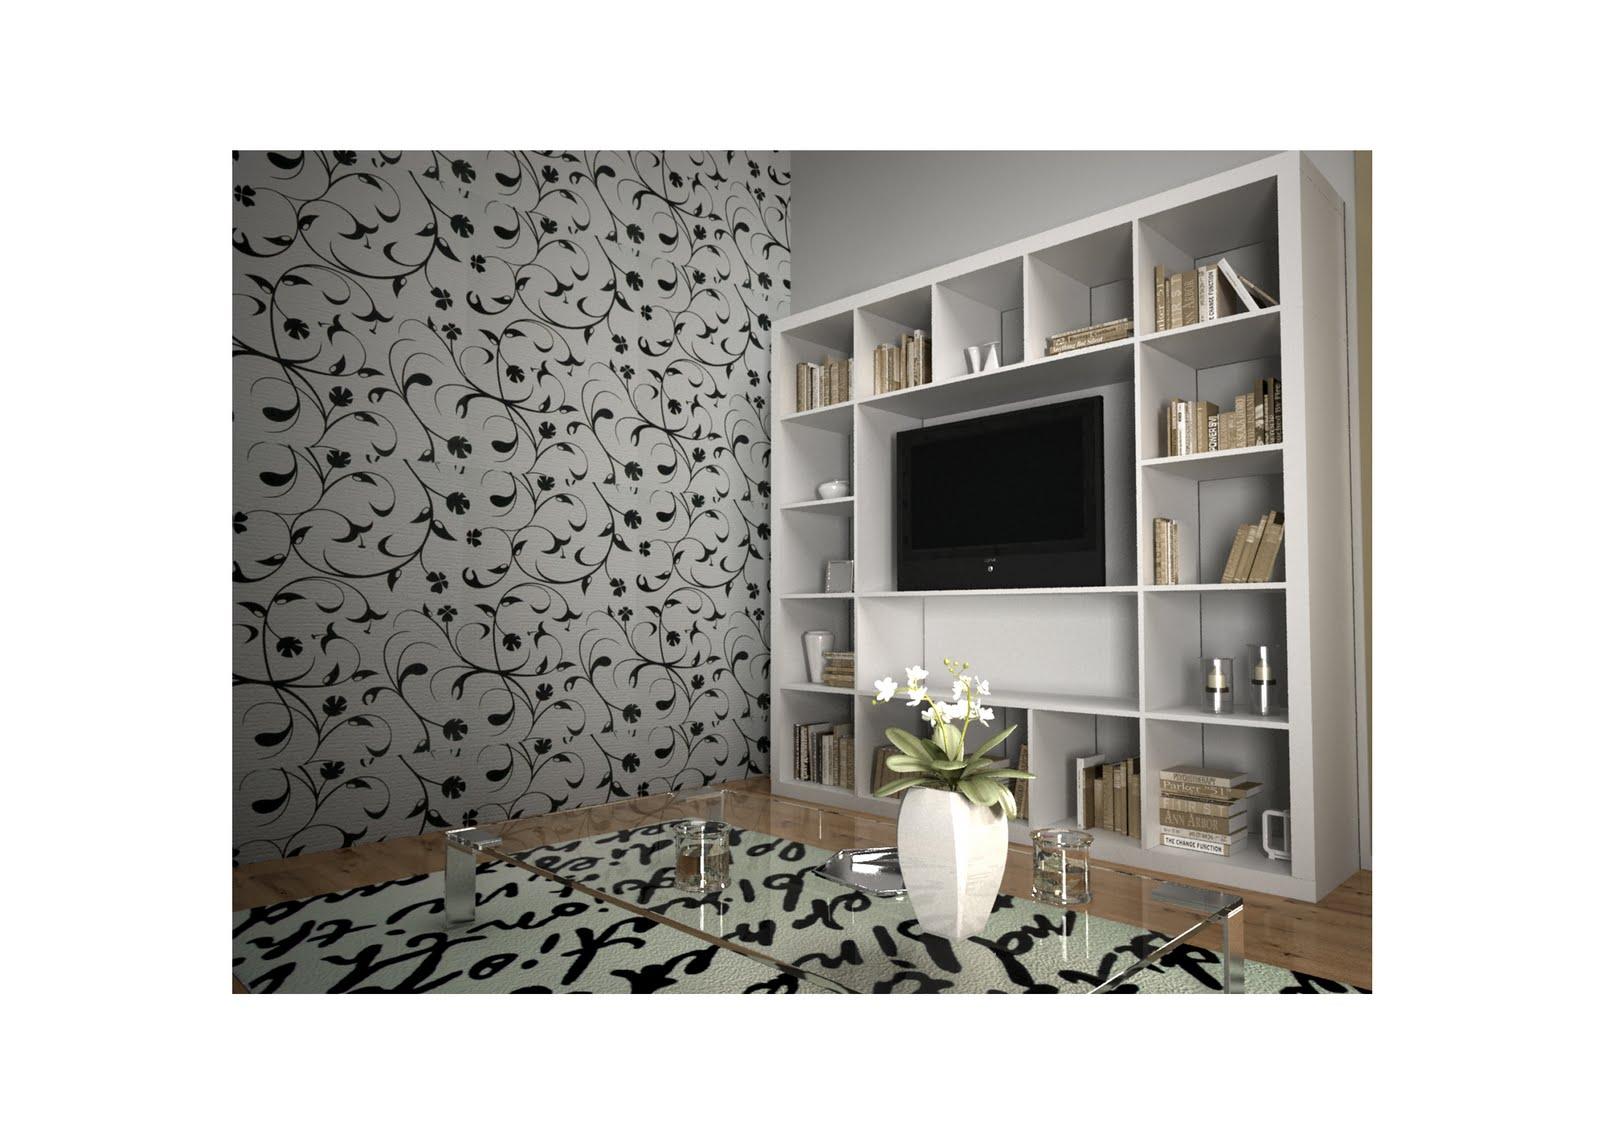 Foto progettazione di interni rendering arredamento for Progettazione di interni gratis